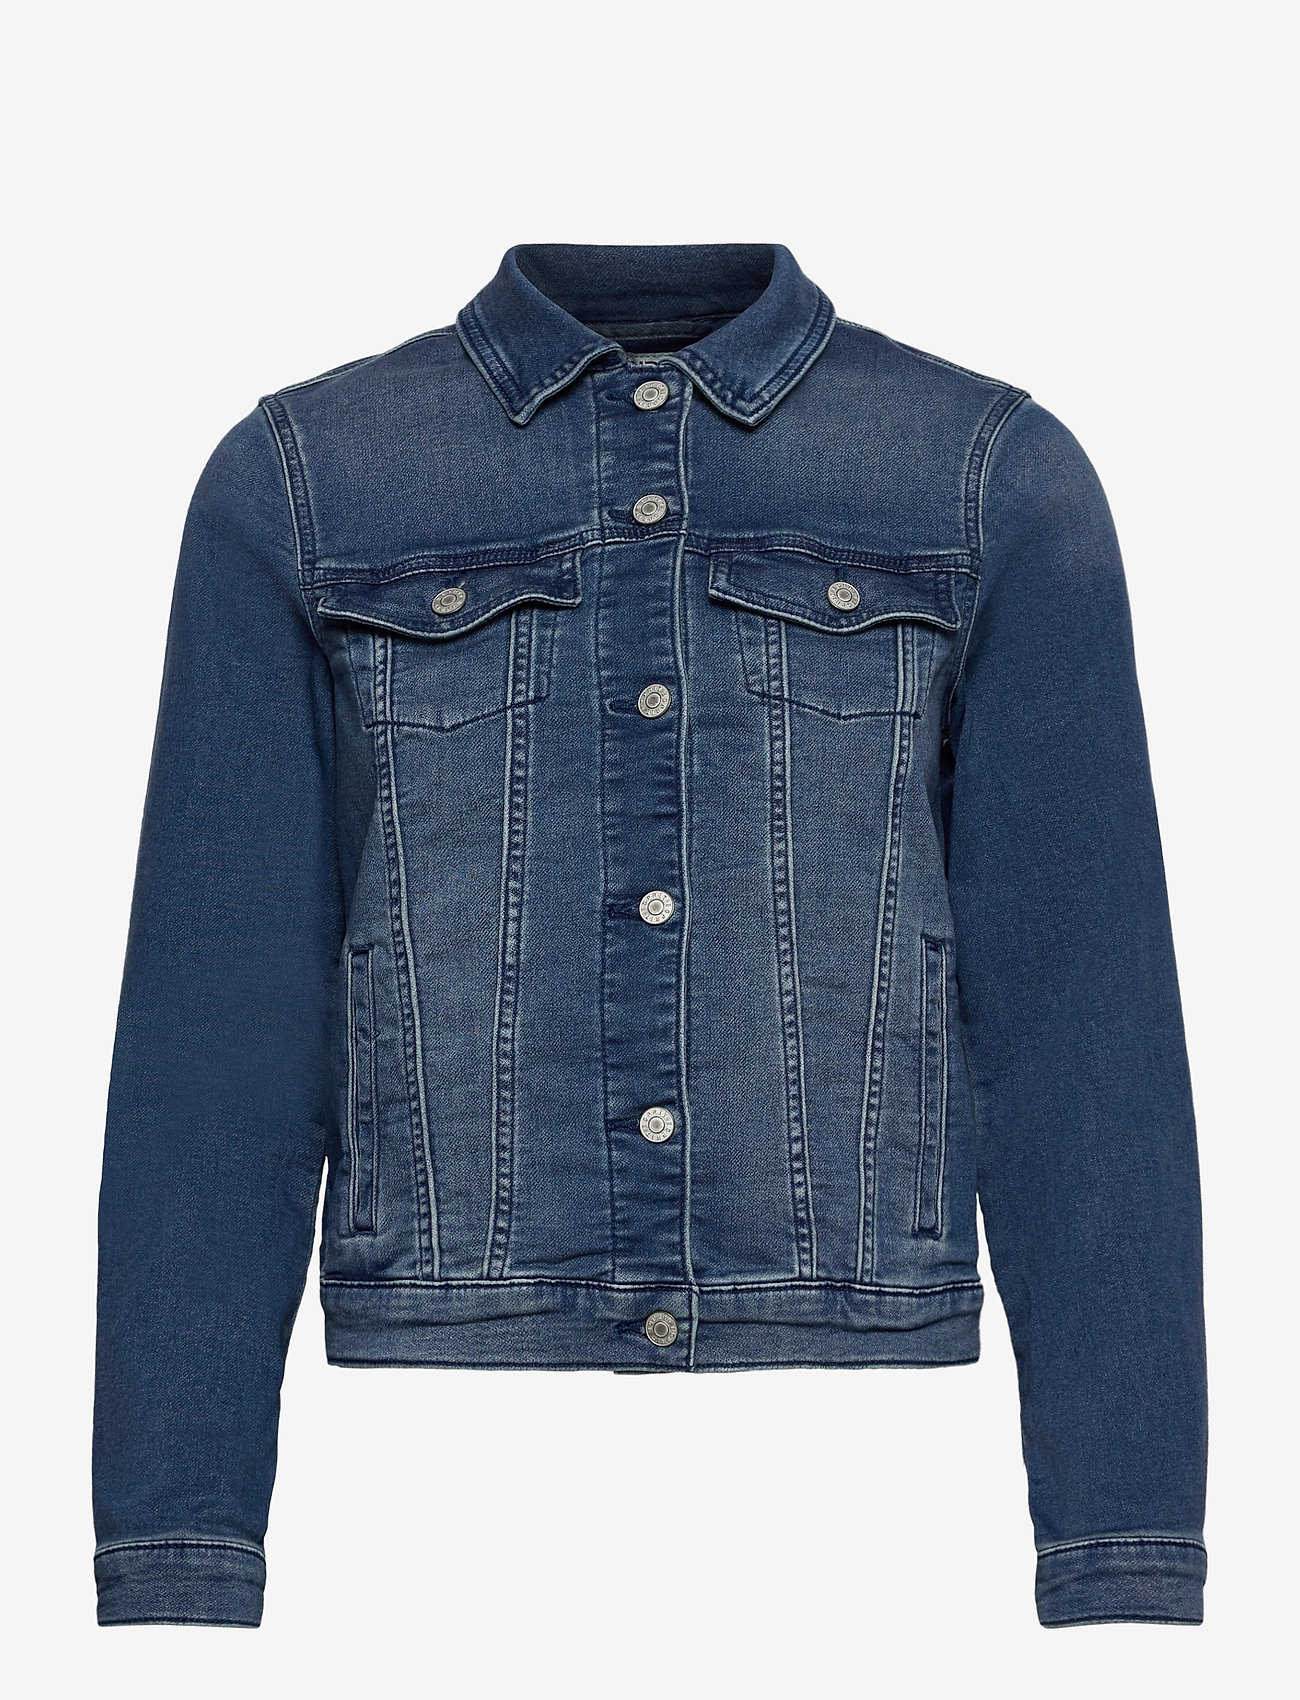 Esprit Casual - Jackets indoor denim - vestes en jean - blue medium wash - 0